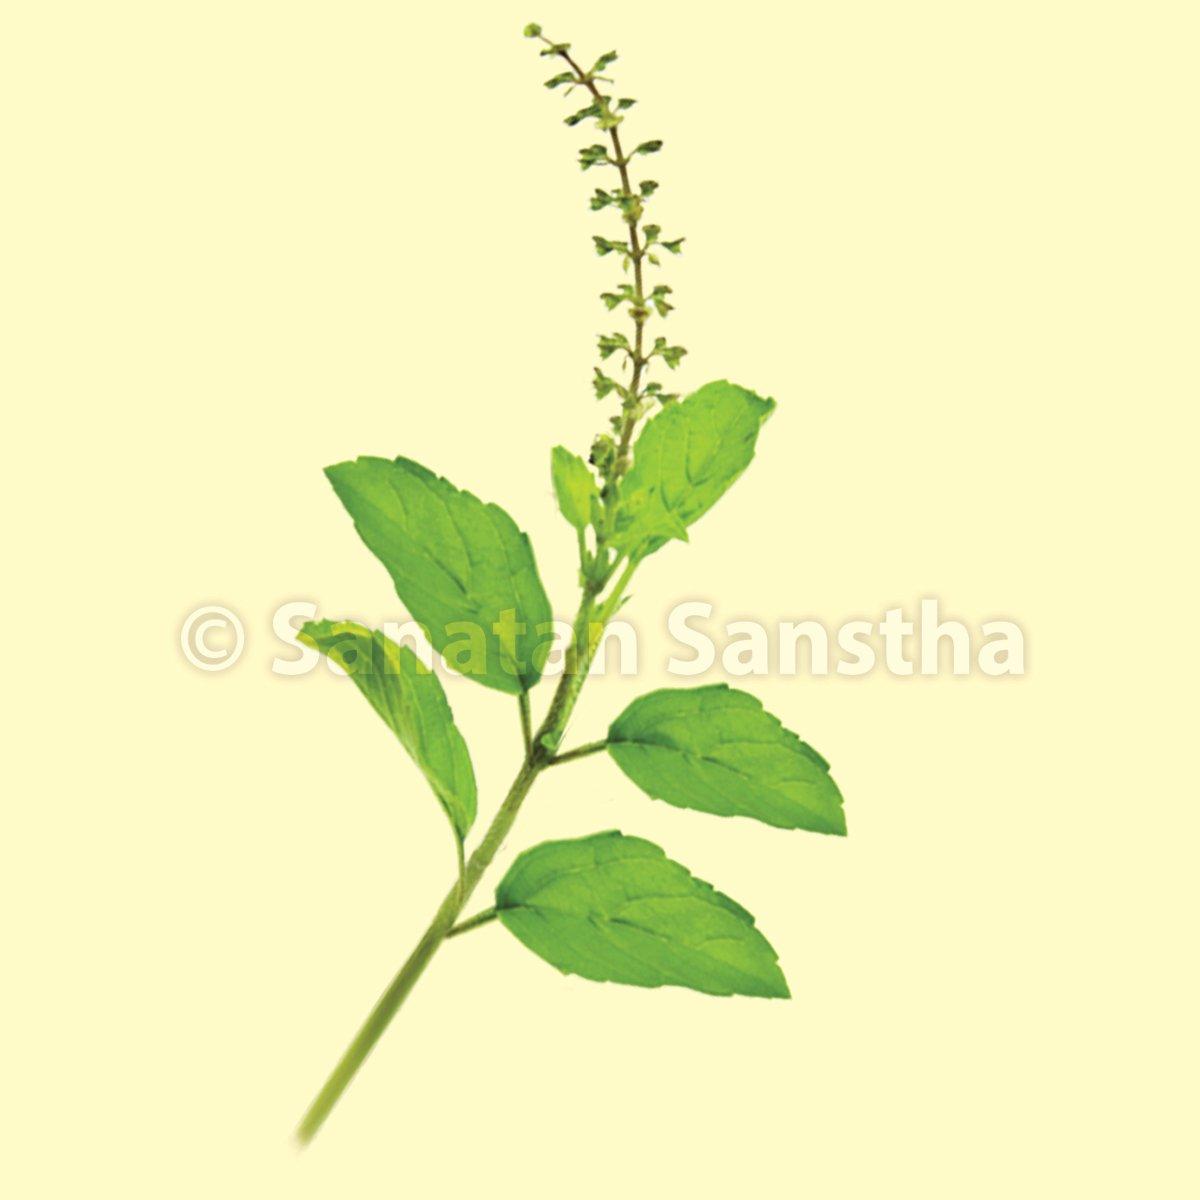 tulas_leaf_2